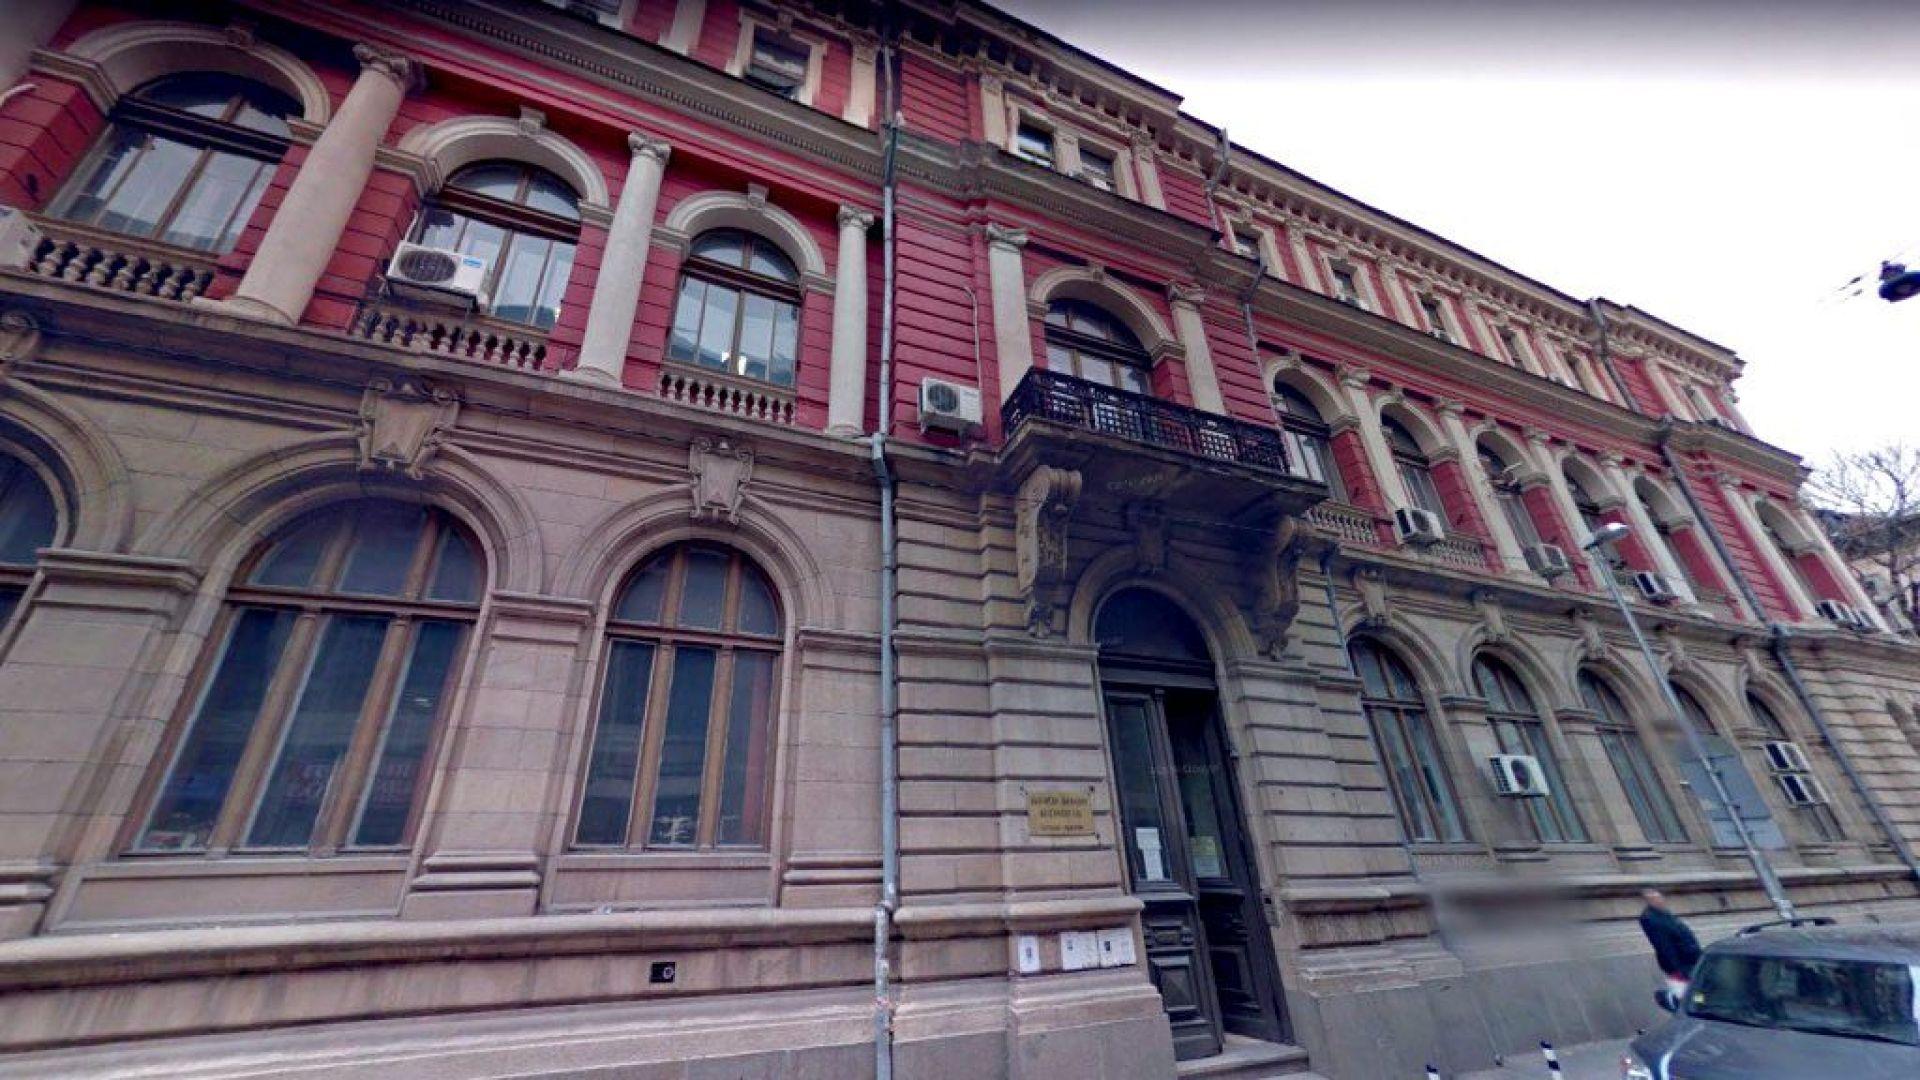 Продажбата на сградата на БДЖ, паметник на културата, май е сделка с предизвестен край